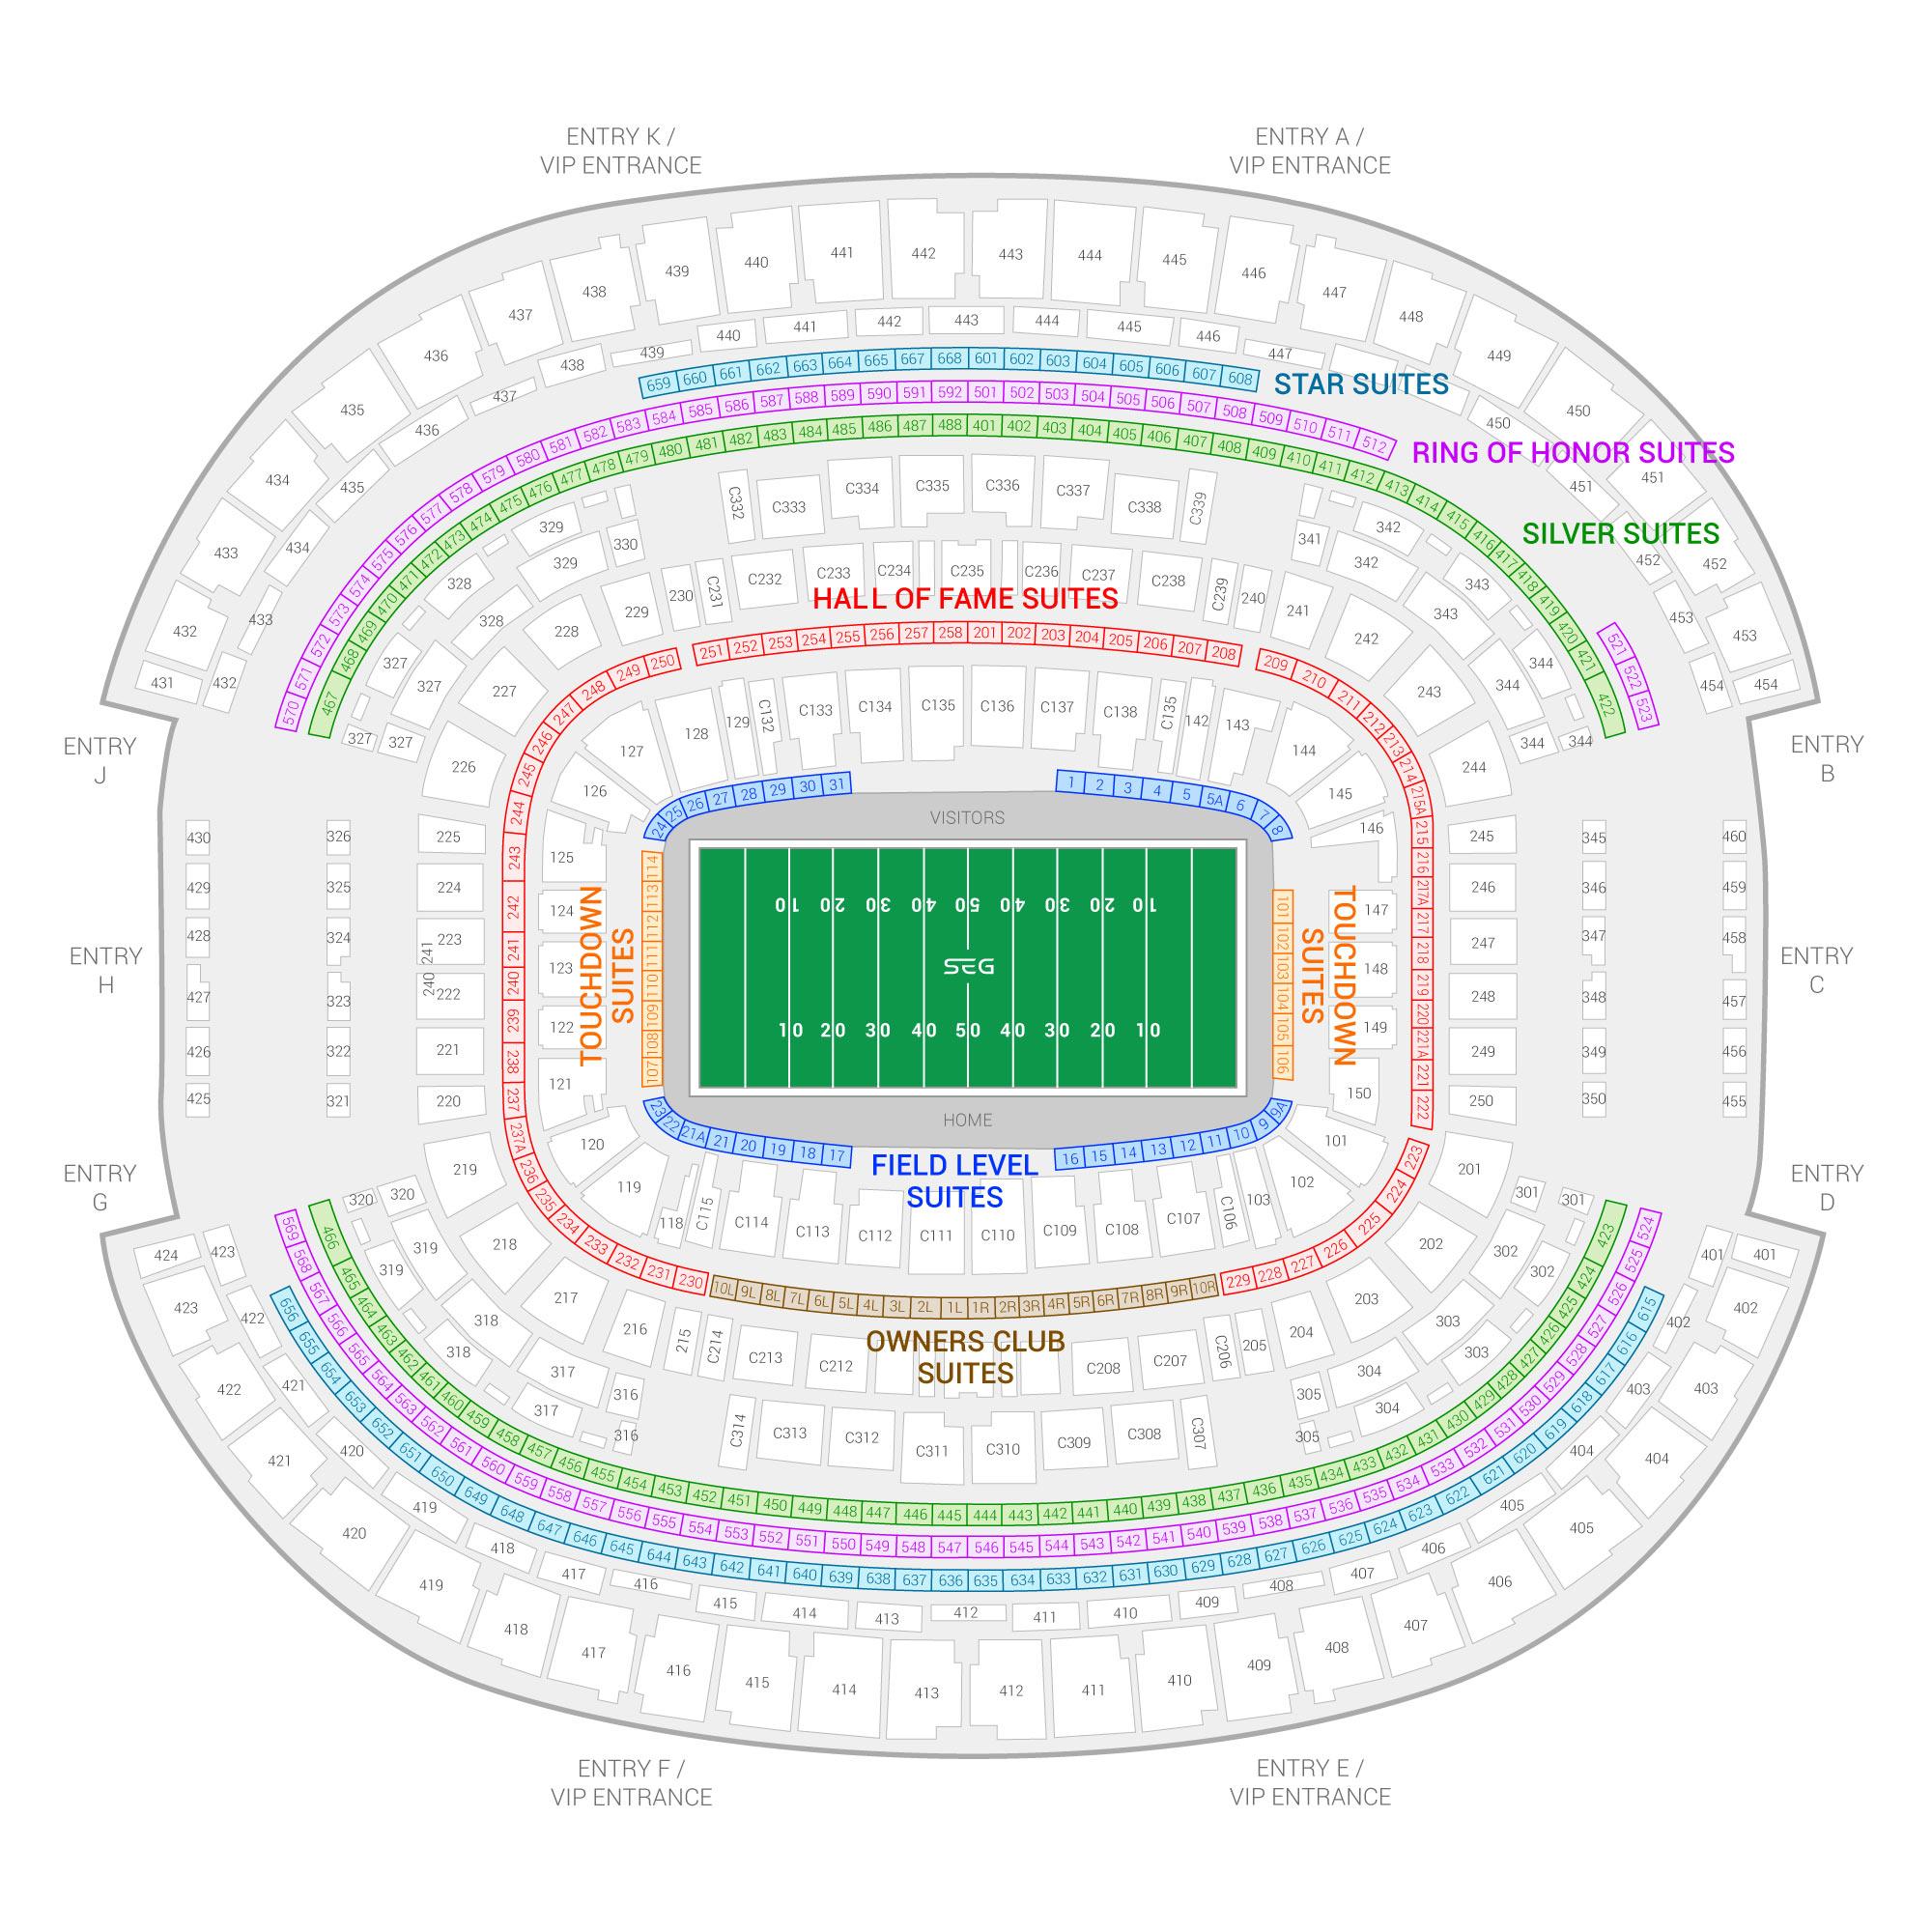 Big 12 Football Championship Game Suite Rentals | AT&T Stadium